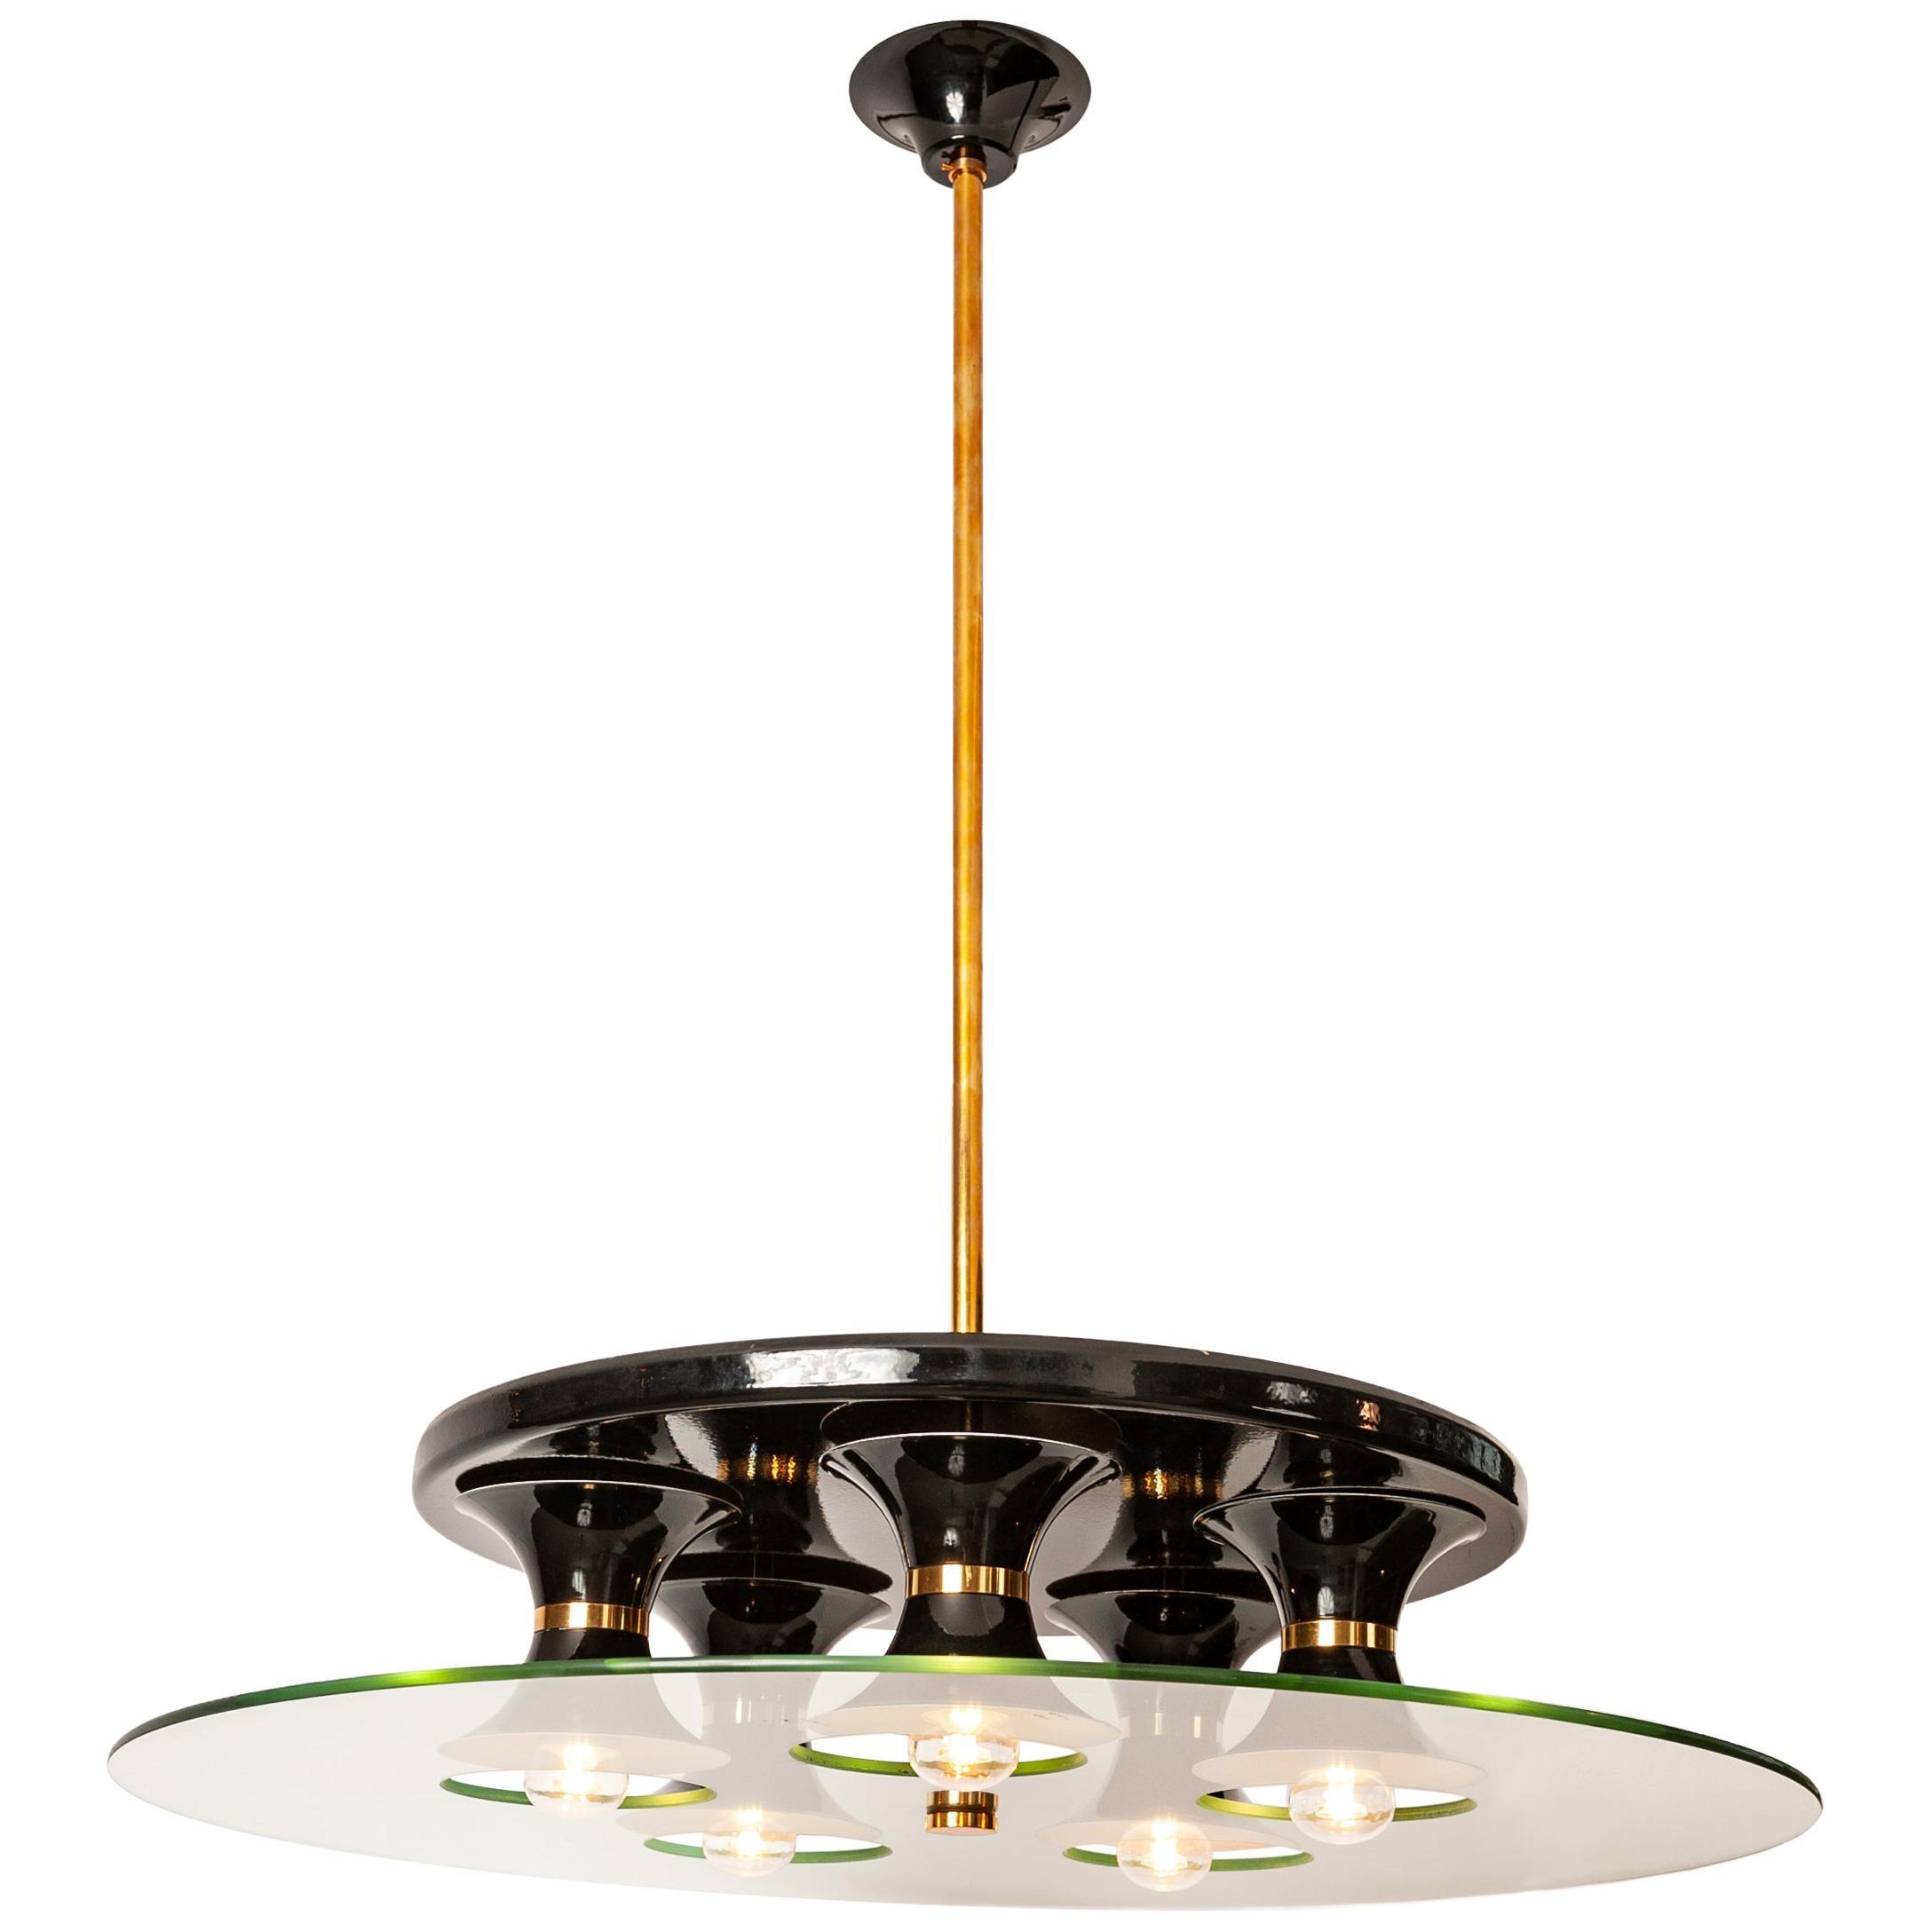 Italian Mid-Century Stilnovo Ceiling Lamp Brass, Black and White